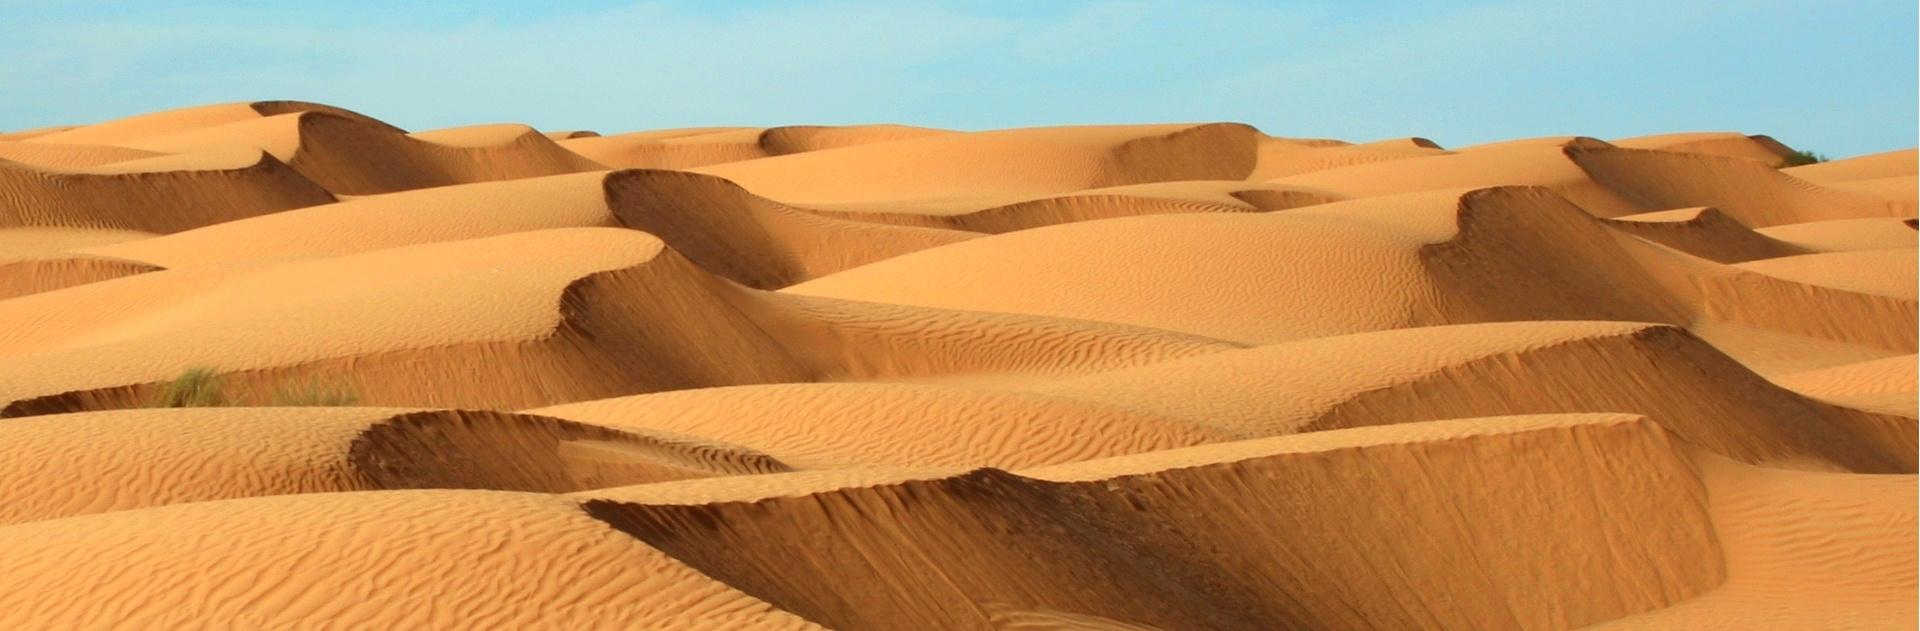 Deserto1920